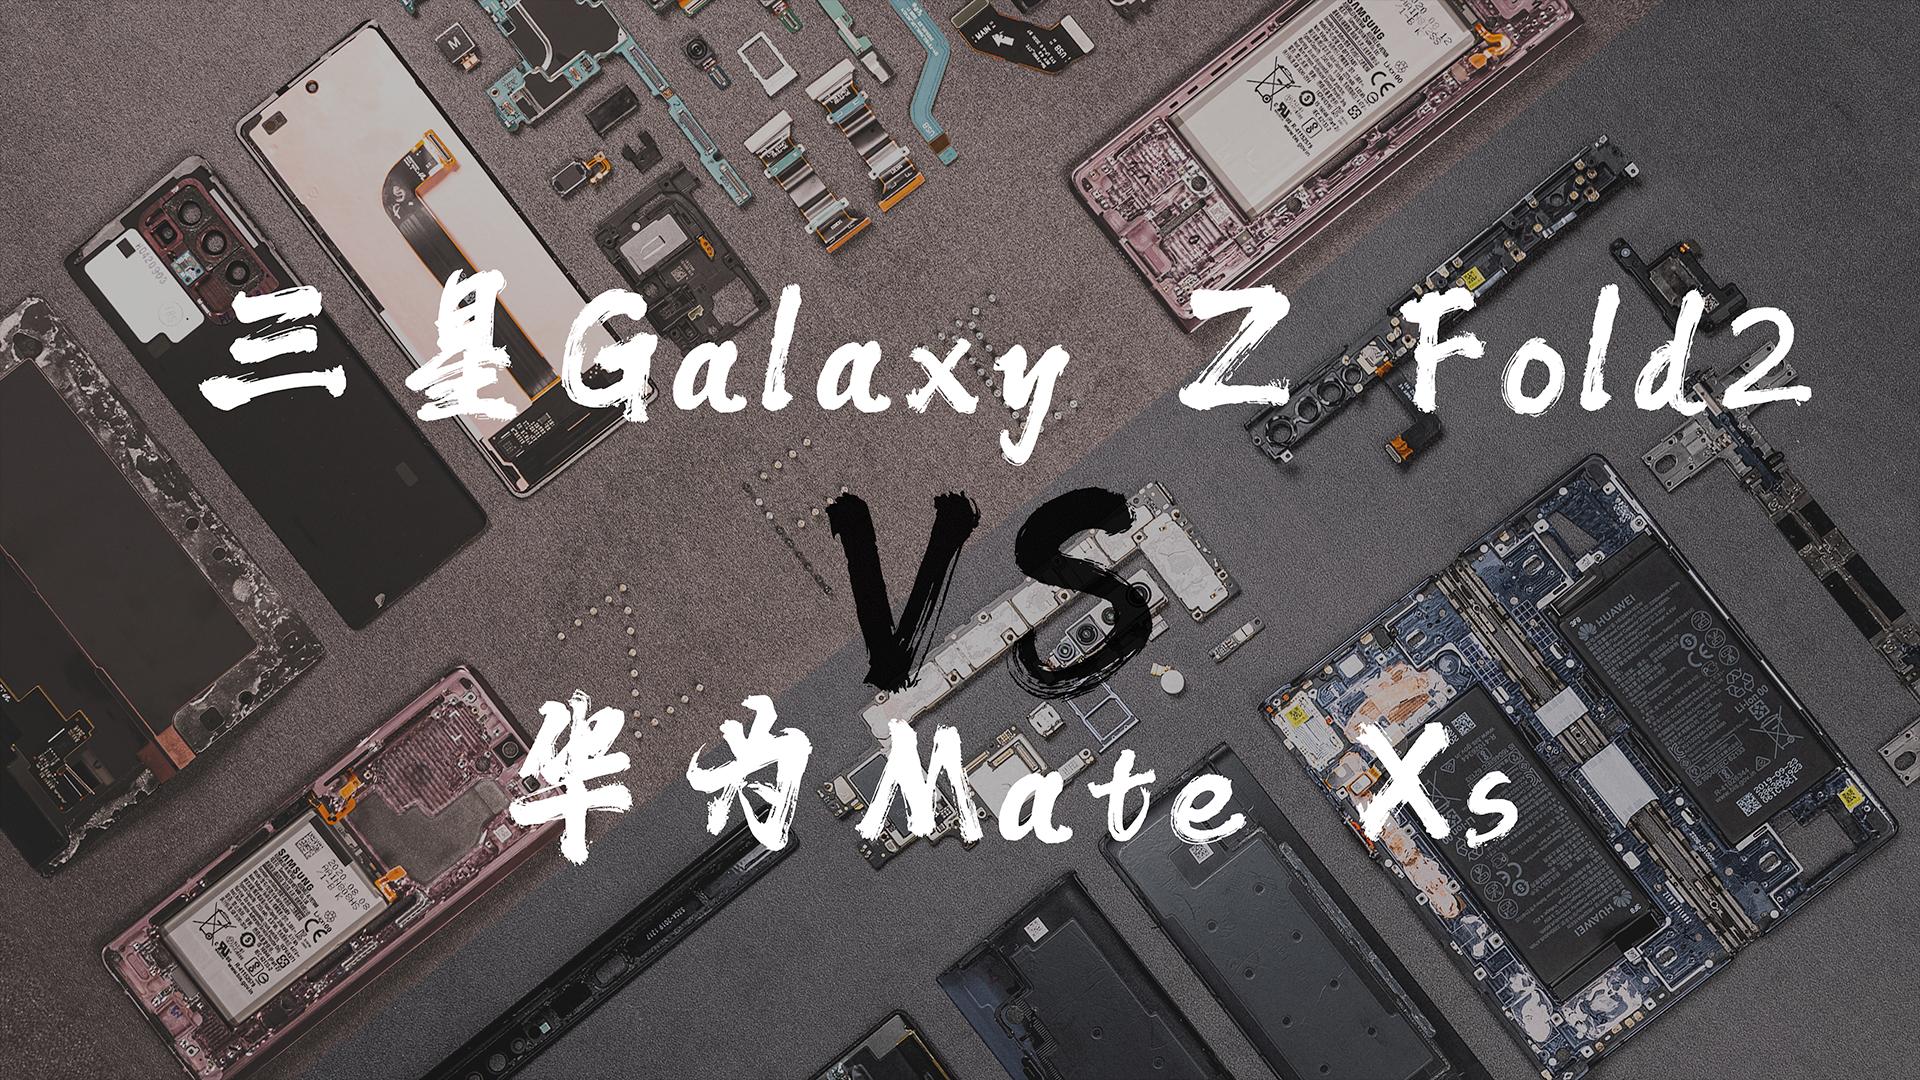 【享拆】三星Z Fold2 & 华为 Mate Xs完全拆解对比:内折求实,外翻图名